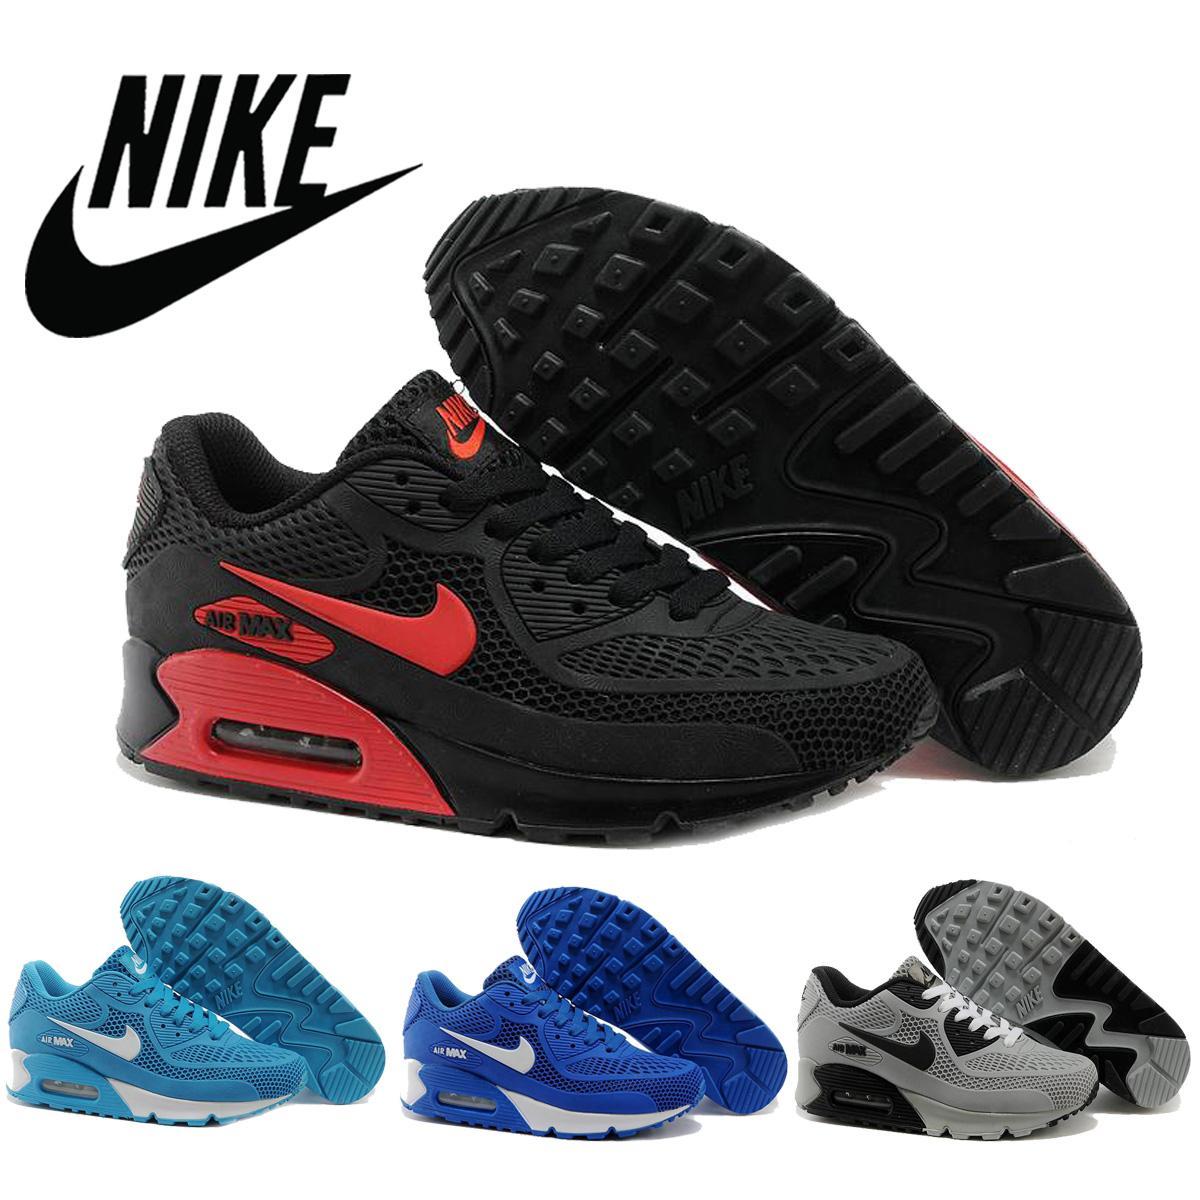 Las Hombres Nike Kpu Tpu Envío Max Zapatillas 90 Del Correr De Zapatos Hyperfuse Atléticos Mujer Deporte Los Air Para pMVUzS